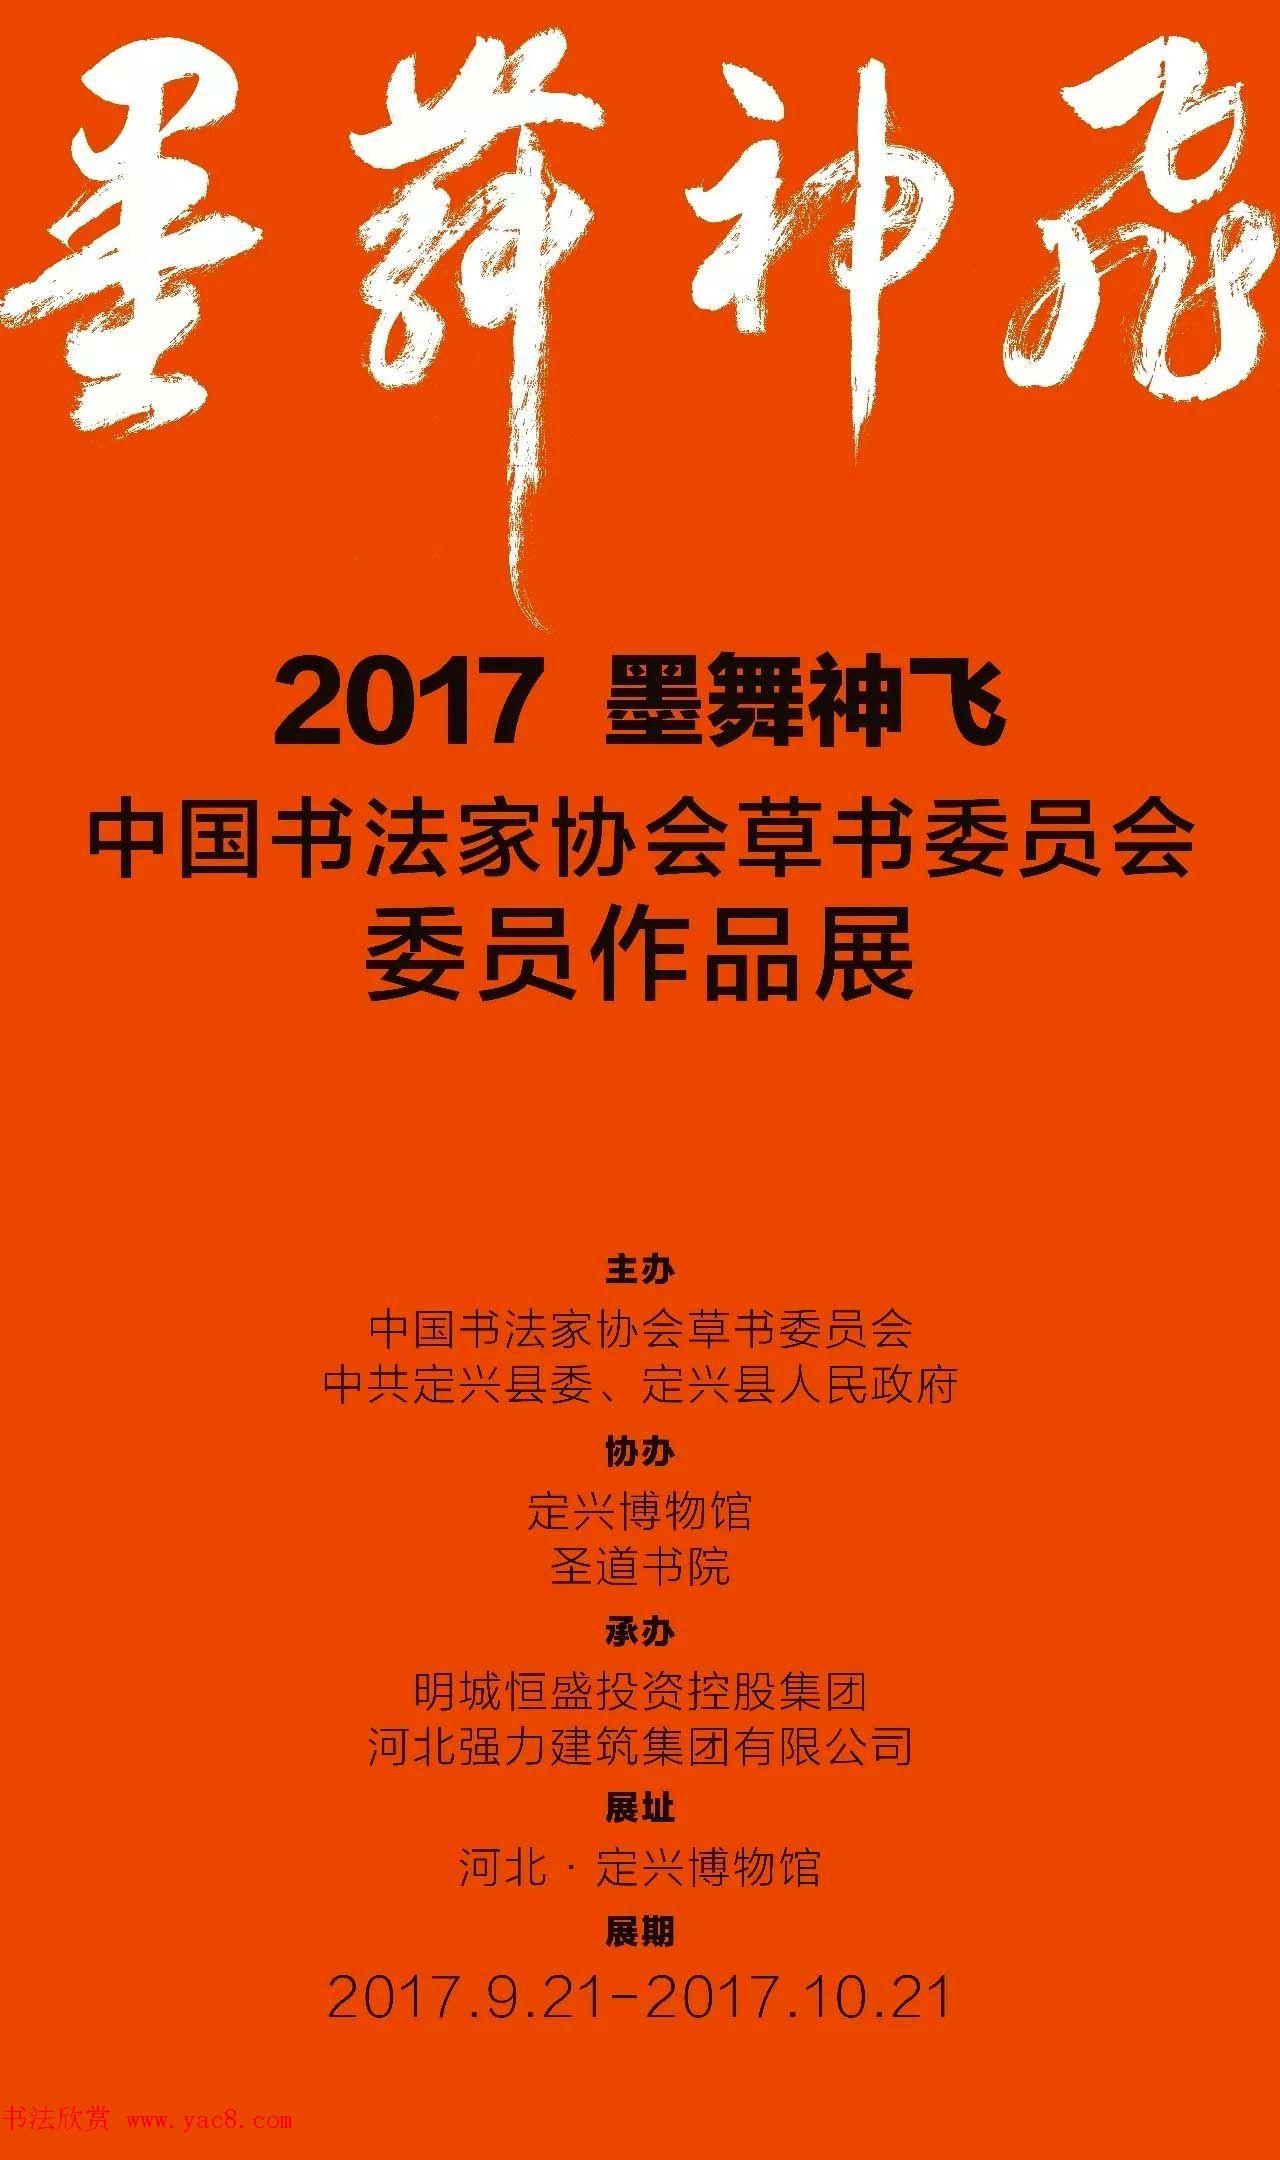 2017墨舞神飞·中国书法家协会草书委员会委员作品展